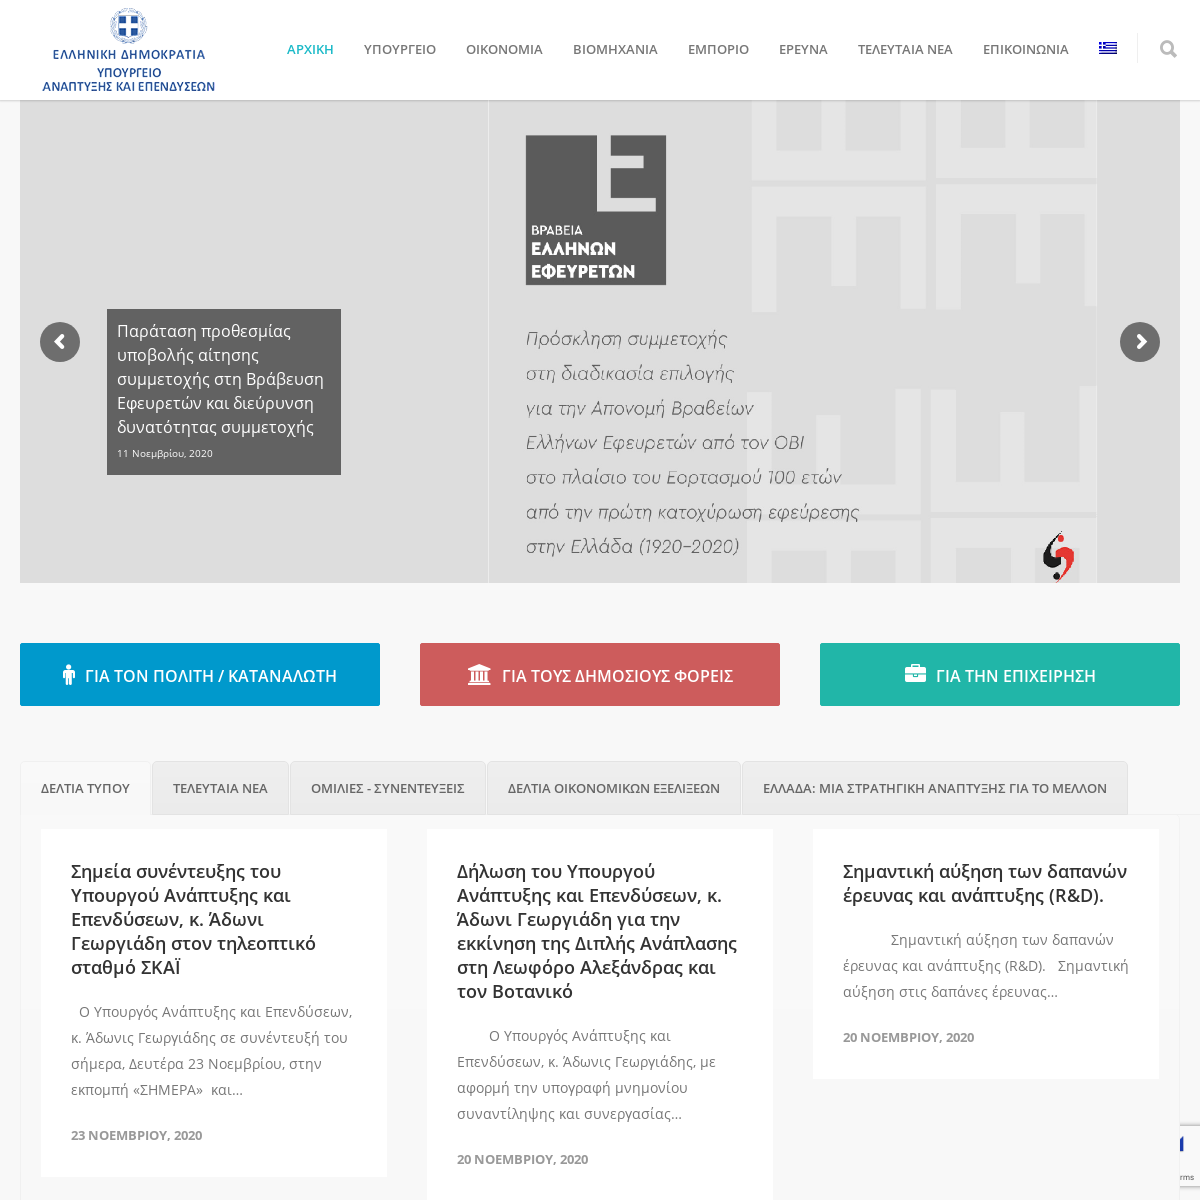 Υπουργείο Ανάπτυξης & Επενδύσεων - Κεντρικός ιστότοπος του Υπουργείου